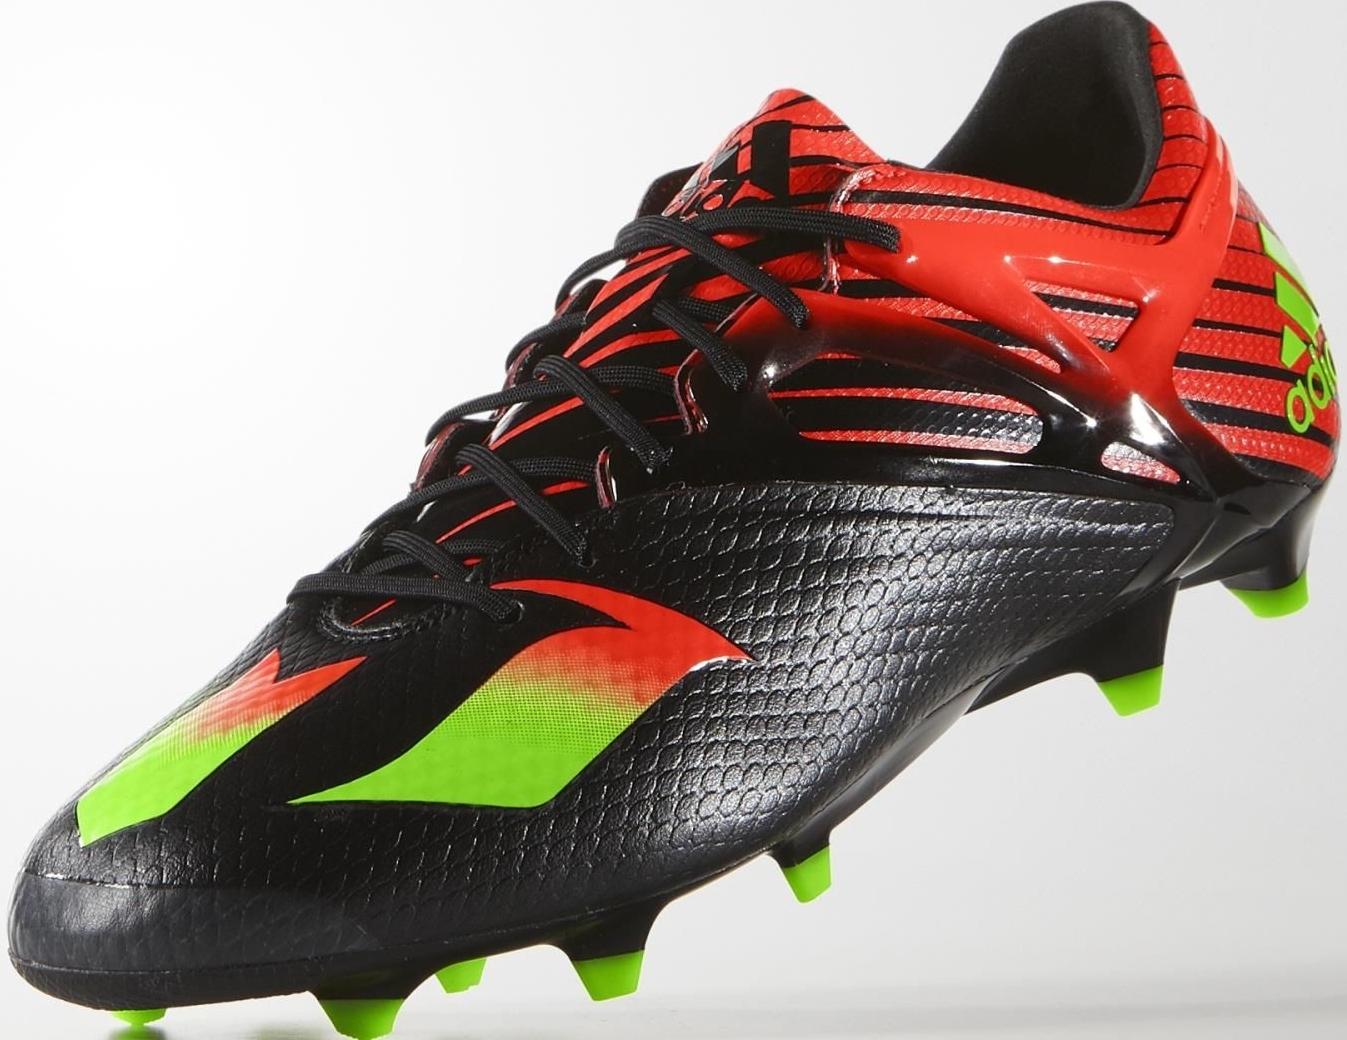 19fde64418bd2 CHUTEIRAS DE OURO  Adidas Messi 15.1 receberá as cores black solar ...